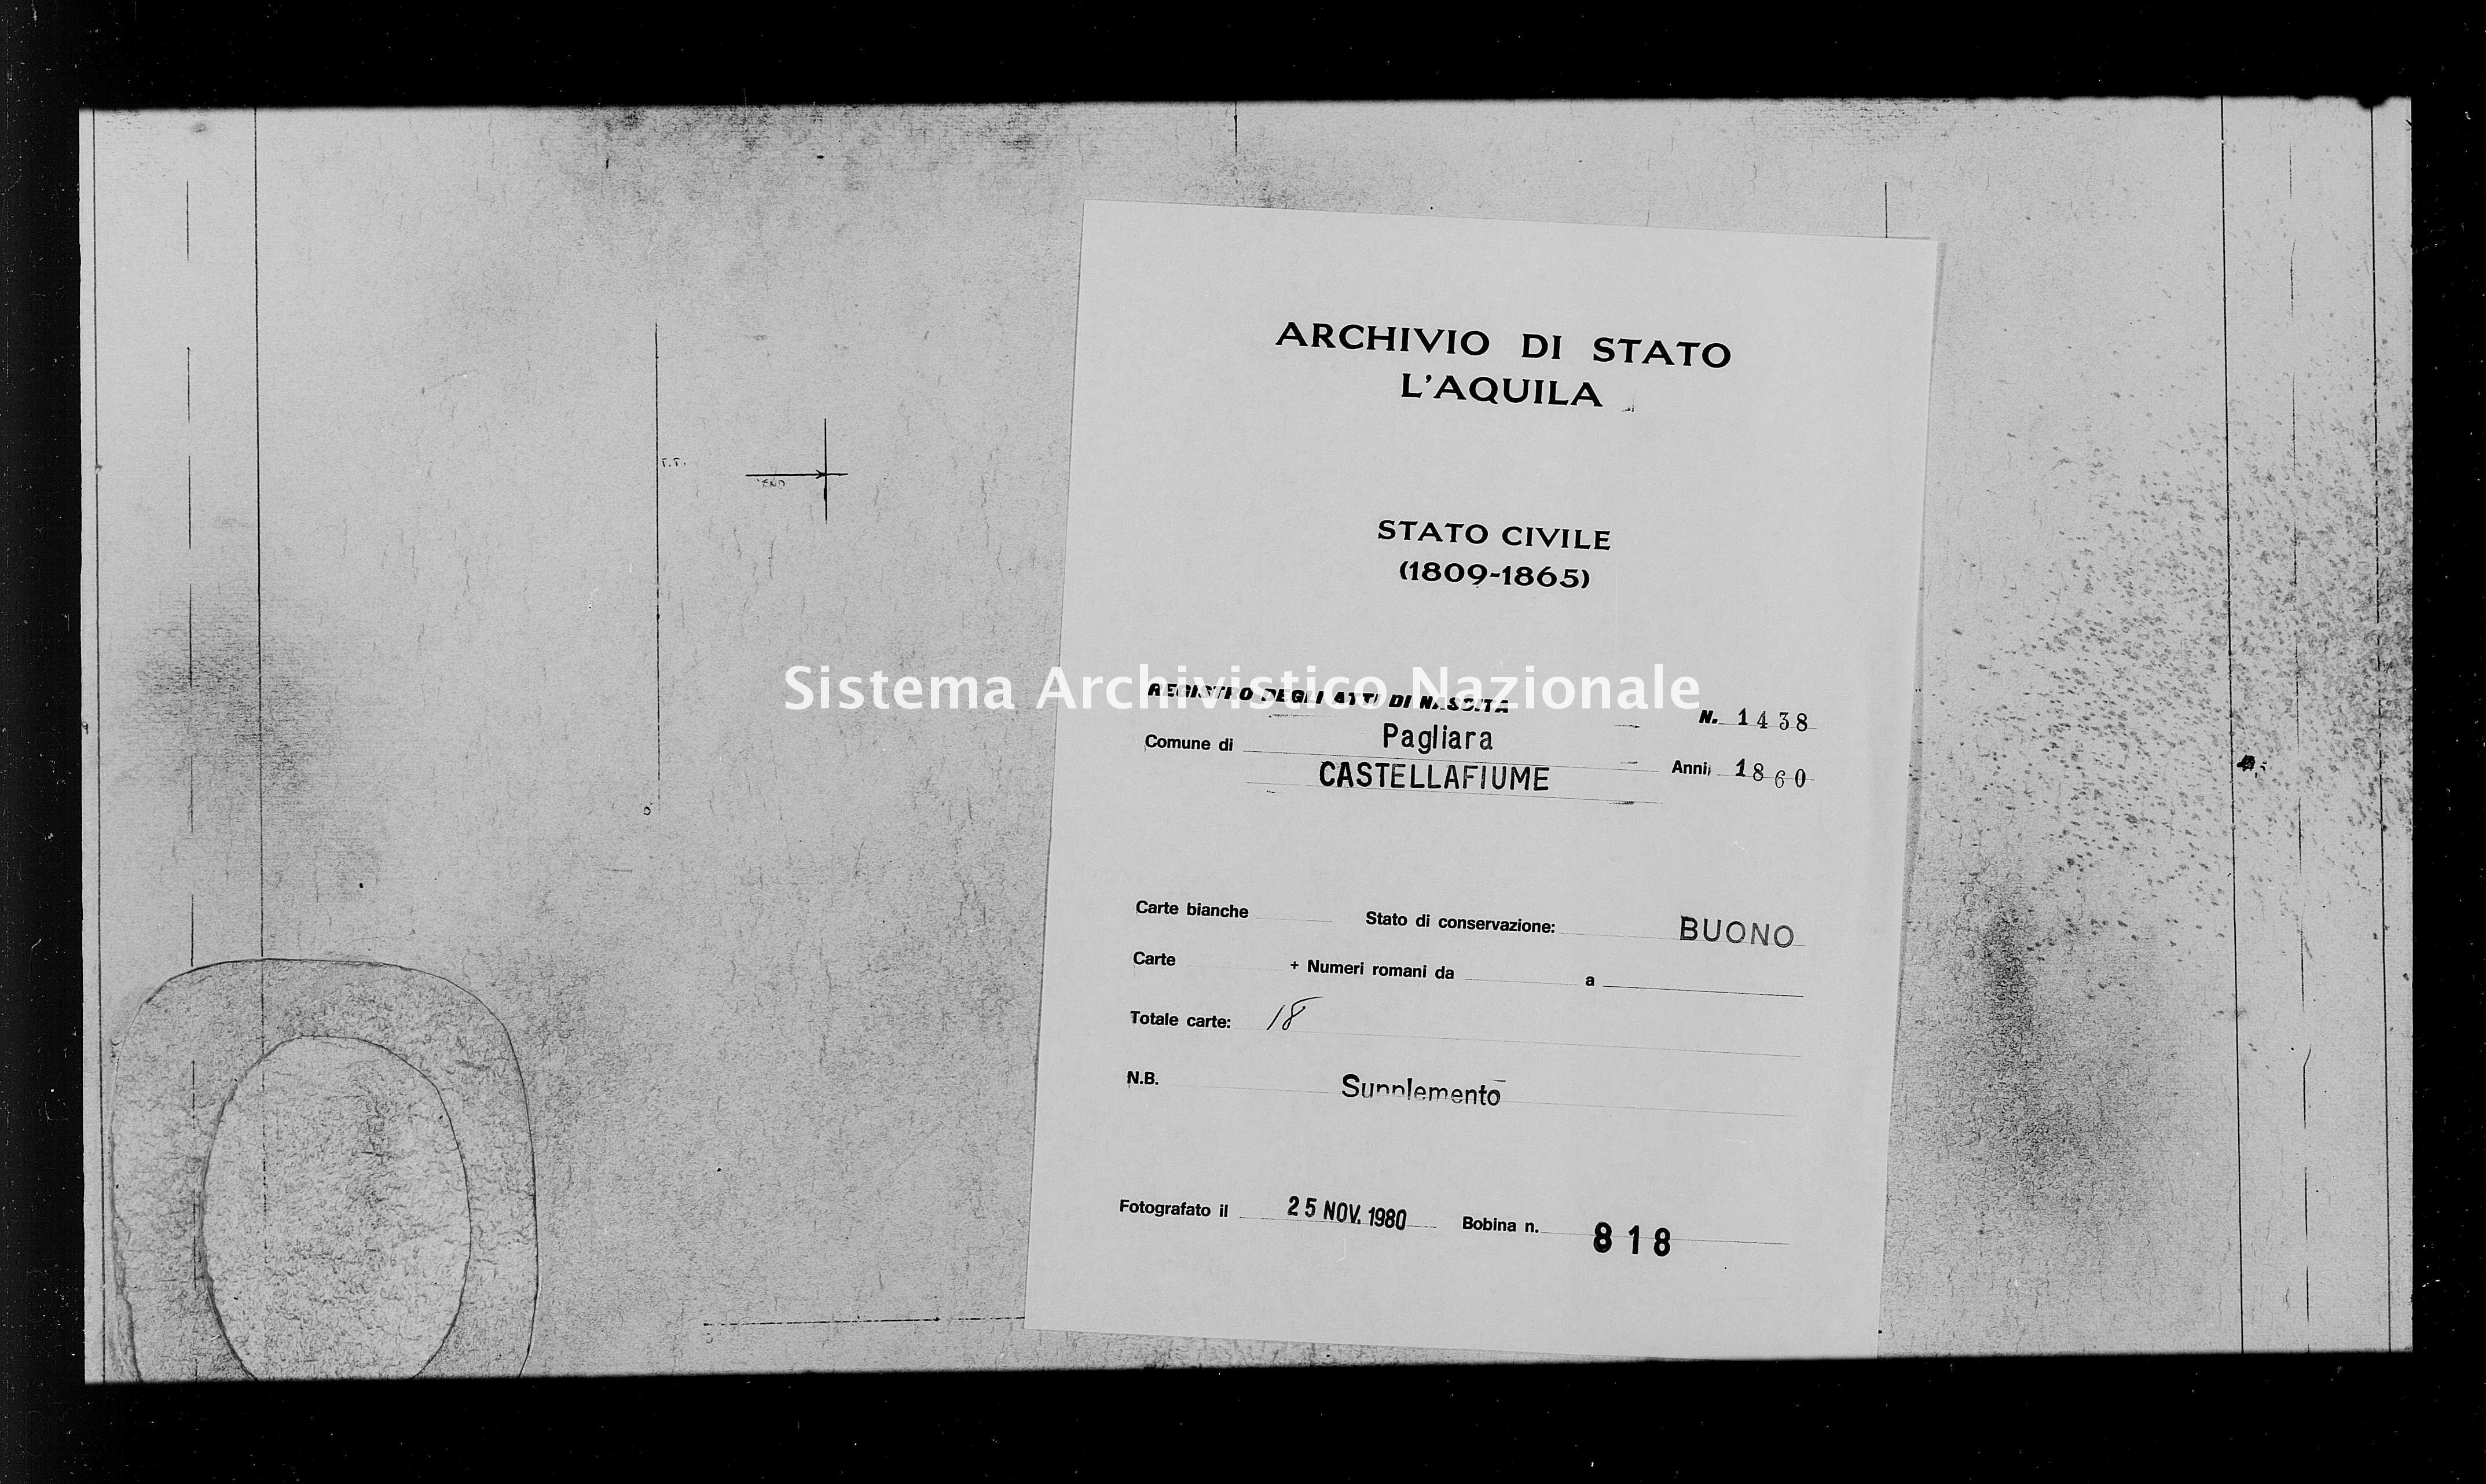 Archivio di stato di L'aquila - Stato civile della restaurazione - Pagliara - Nati, battesimi - 1860 - 1438 -